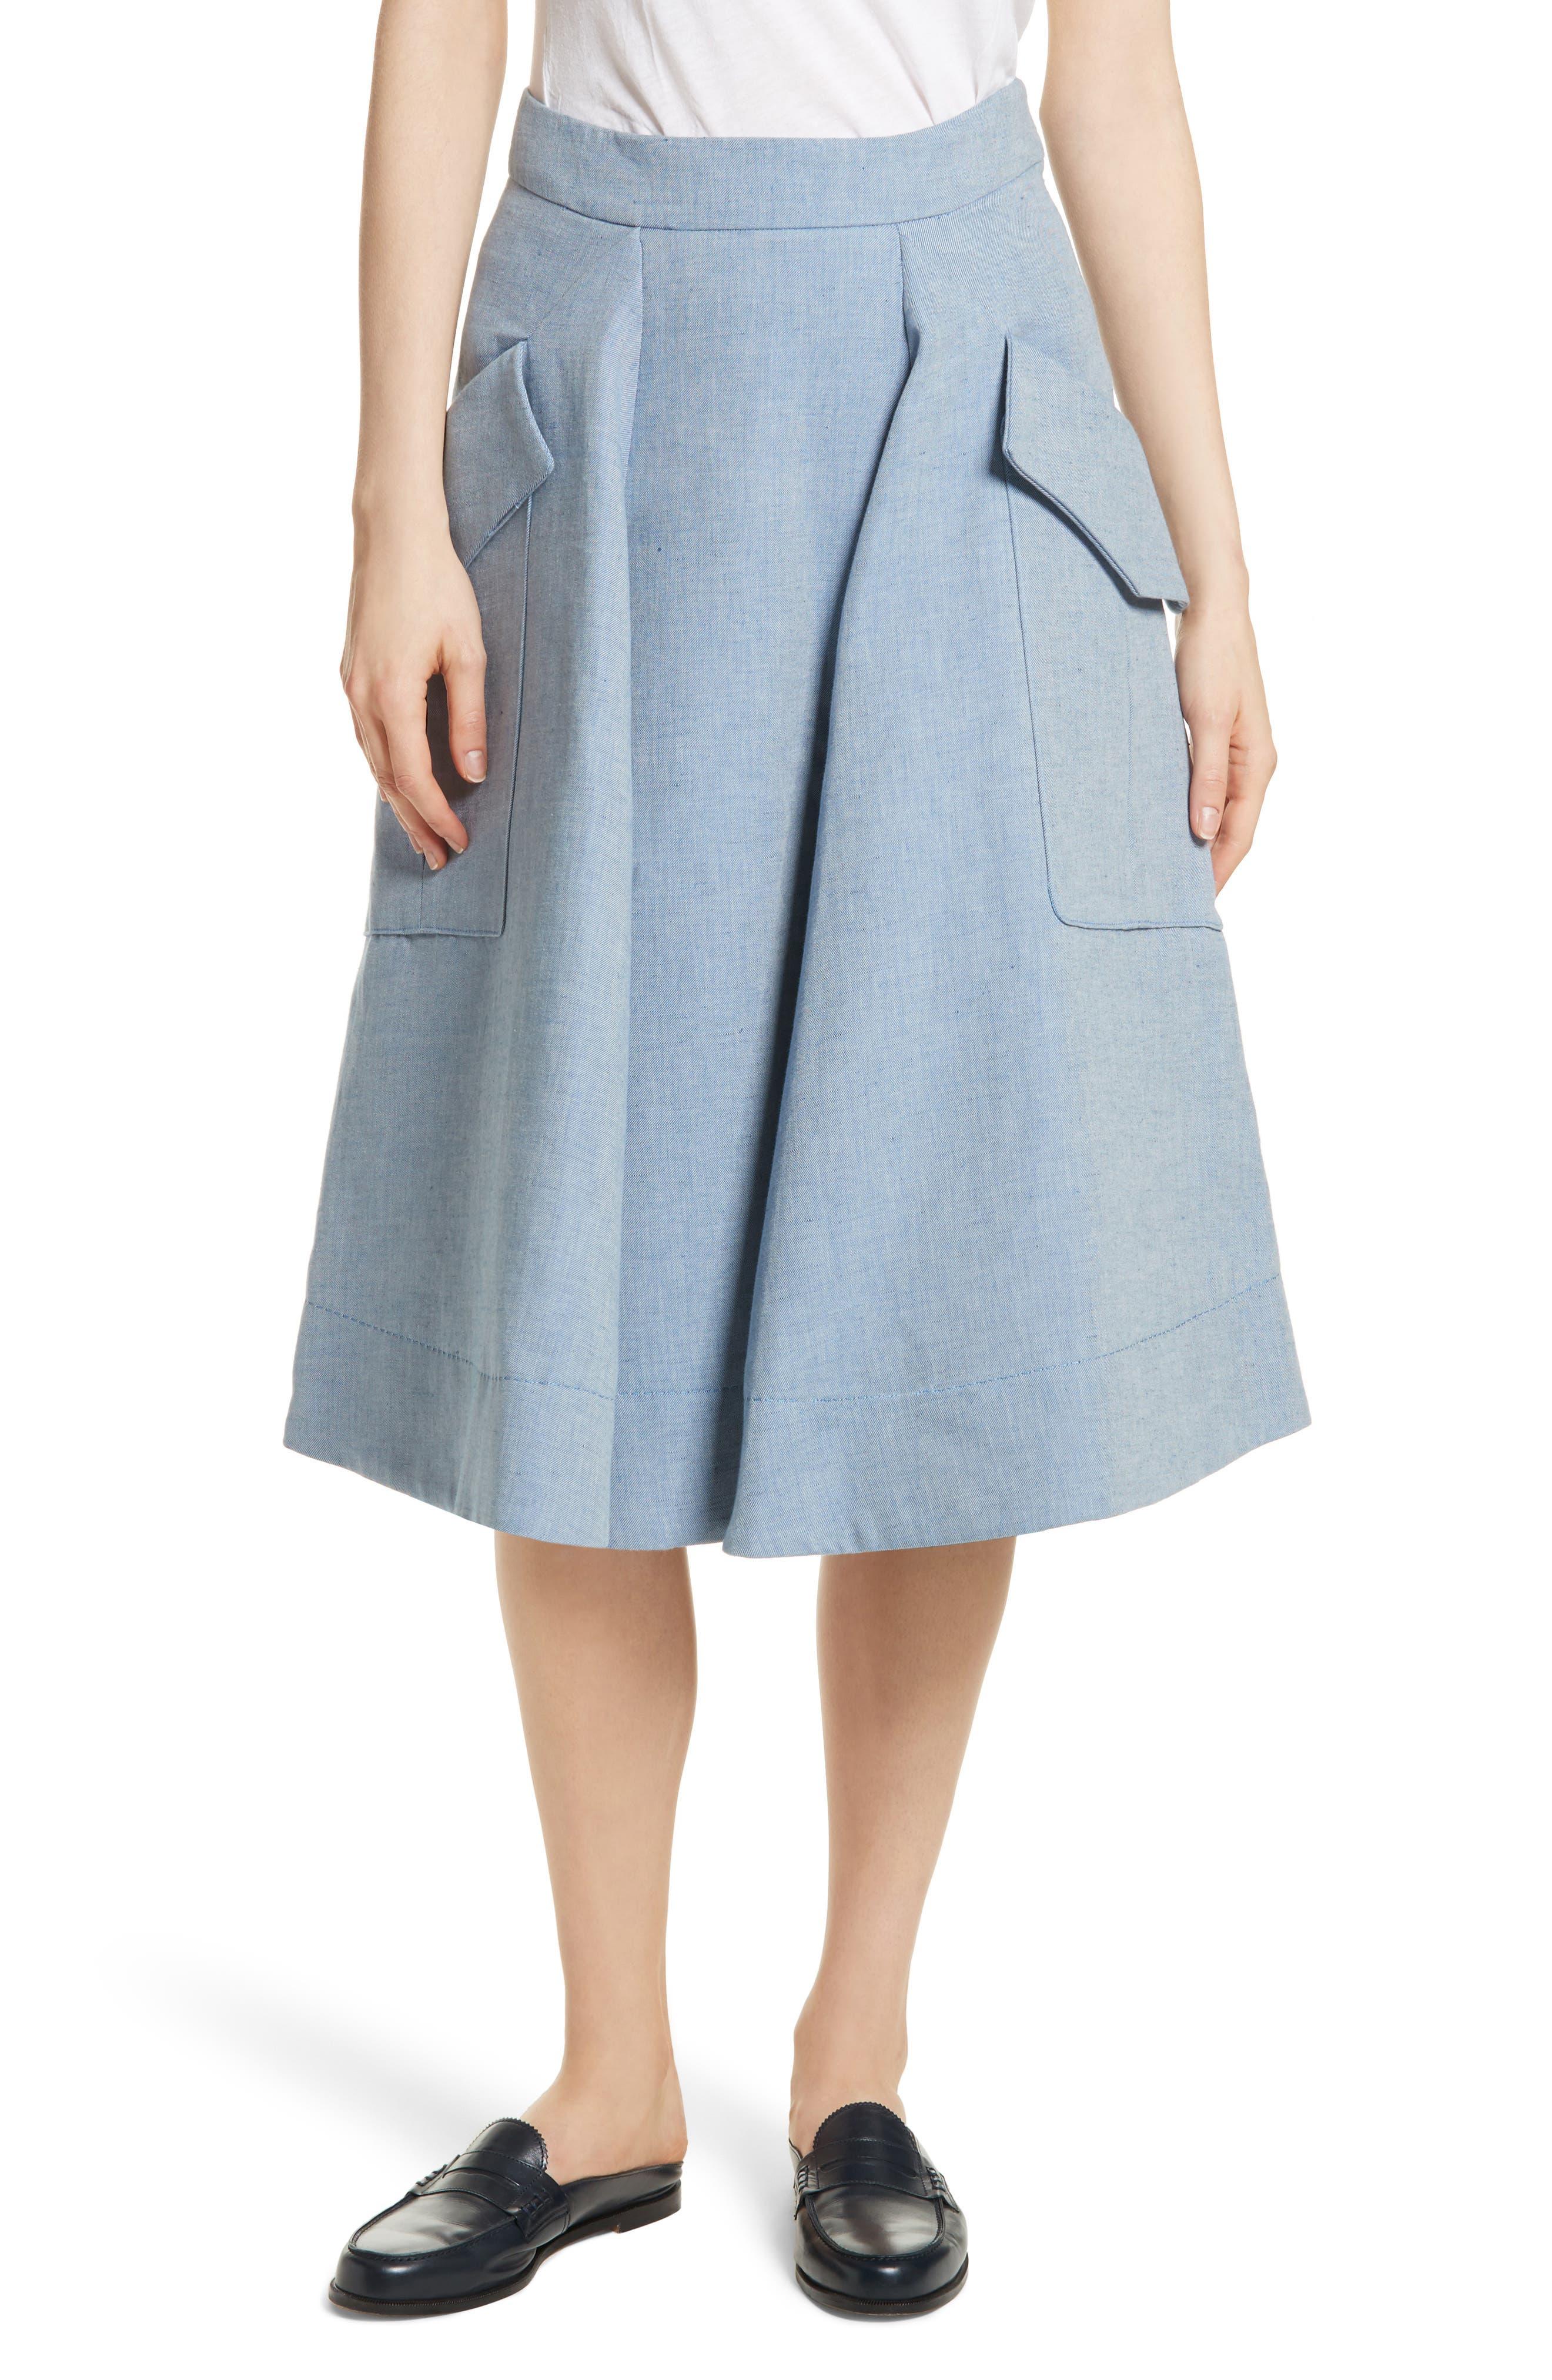 Jupe Genou Skirt,                         Main,                         color, Bleu Acier